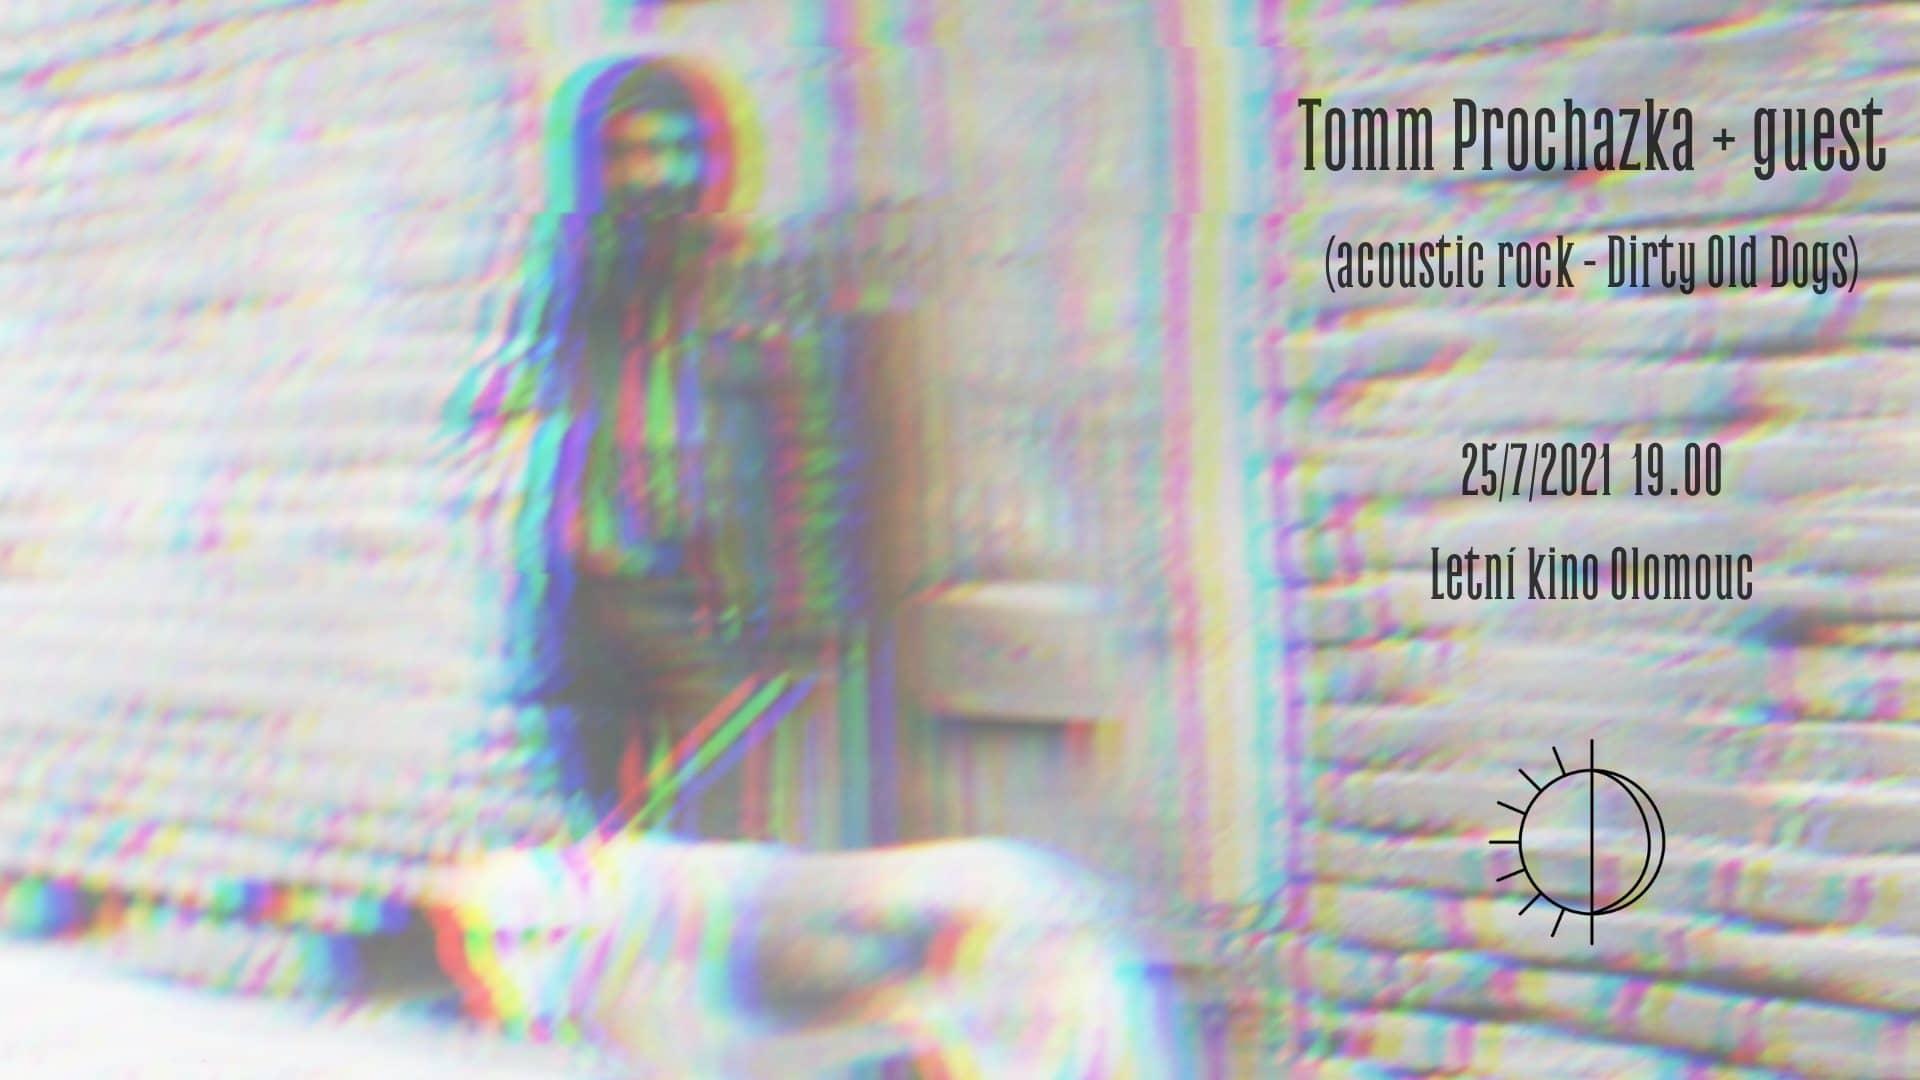 Tomm Prochazka (acoustic)